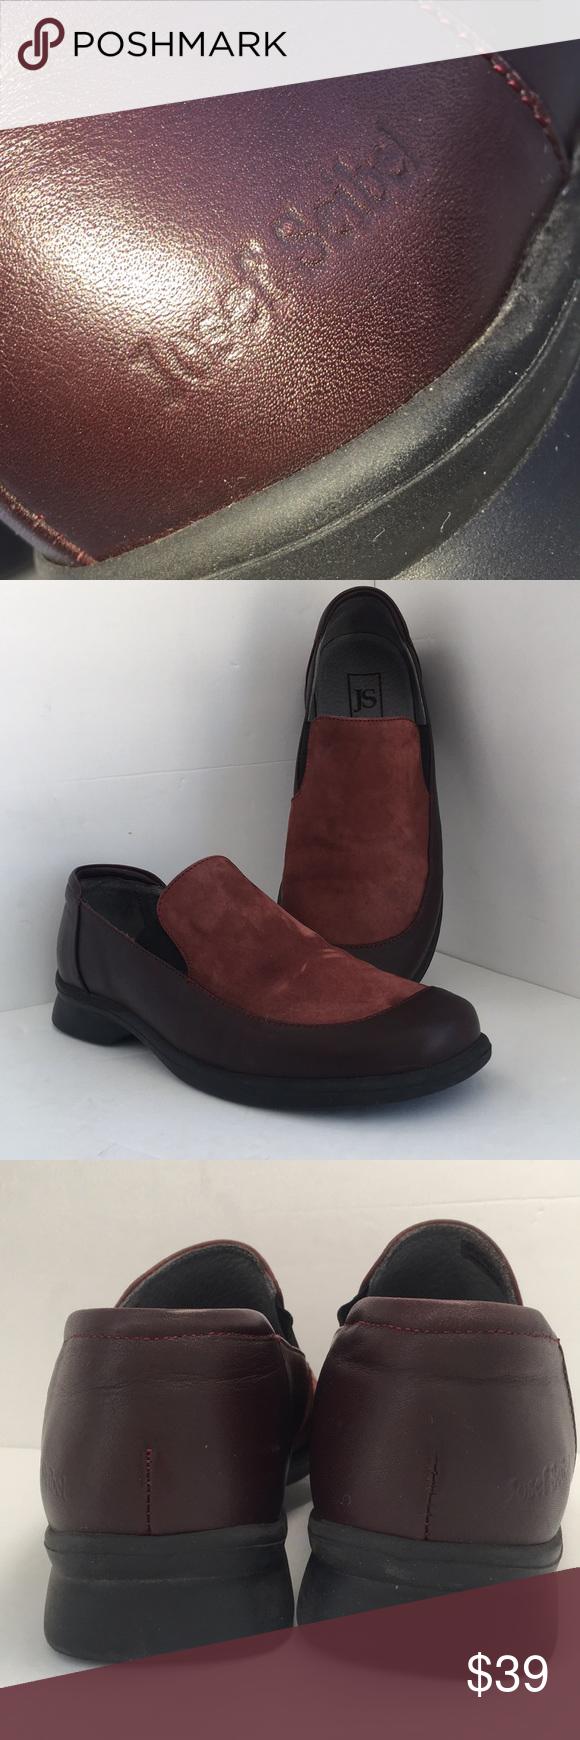 Josef Seibel 38 (8) leather comfort